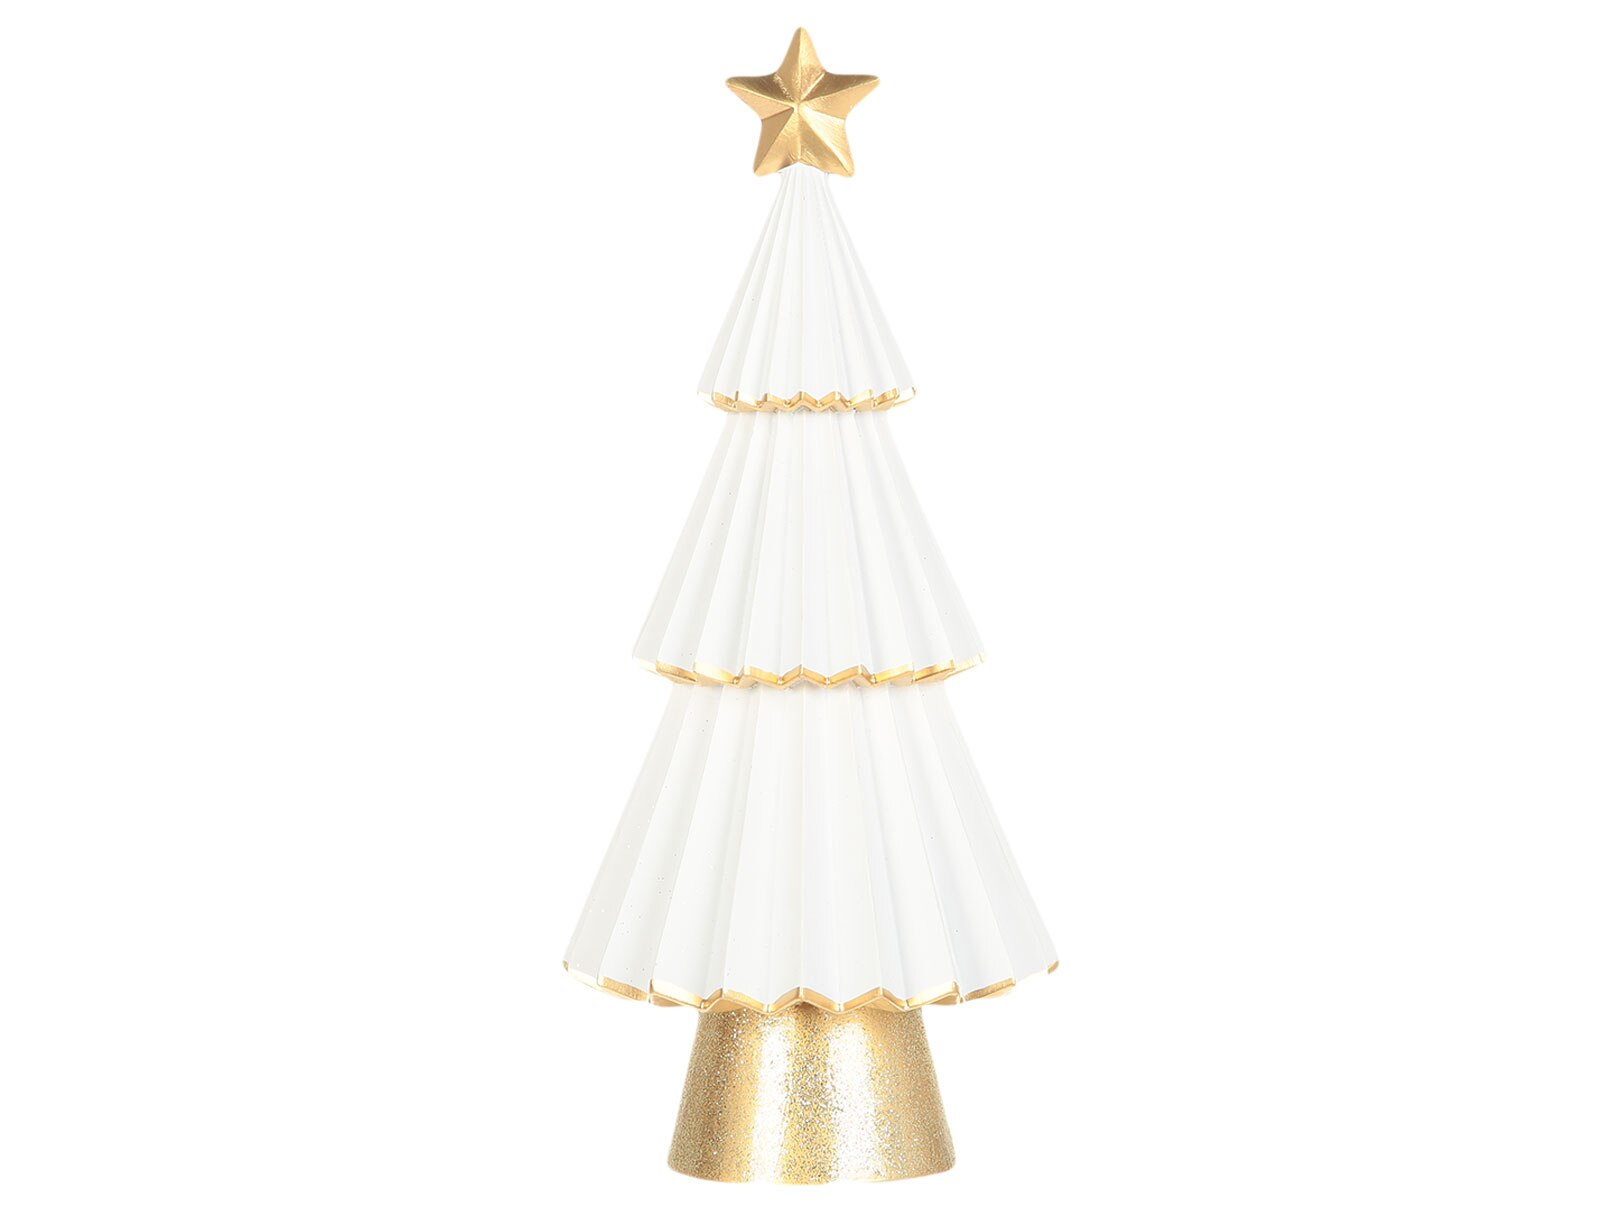 venta de articulos navideños elegantes en liverpool